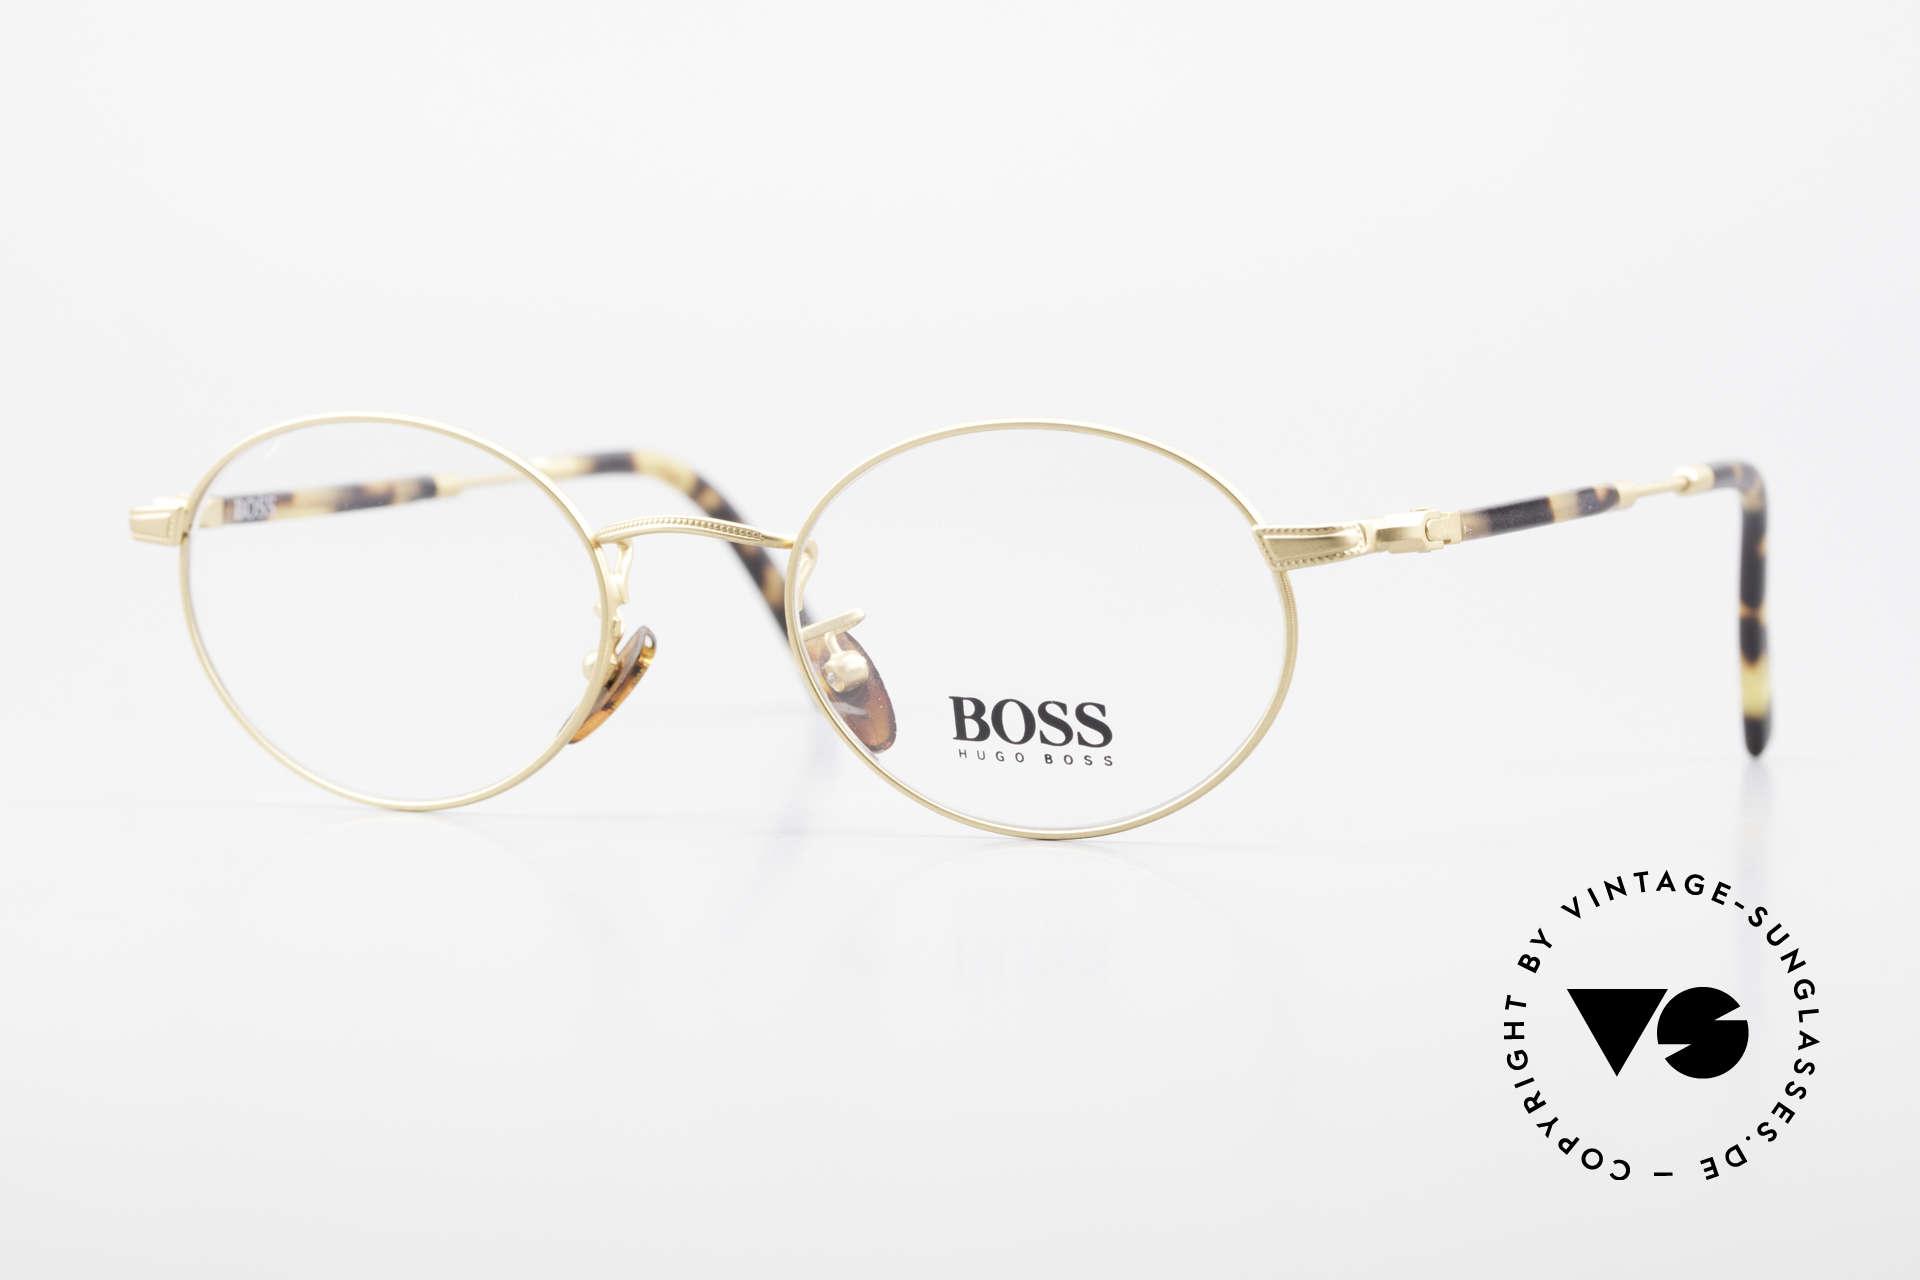 BOSS 5139 Ovale Panto Style Fassung, klassische vintage Designer-Fassung von Hugo BOSS, Passend für Herren und Damen